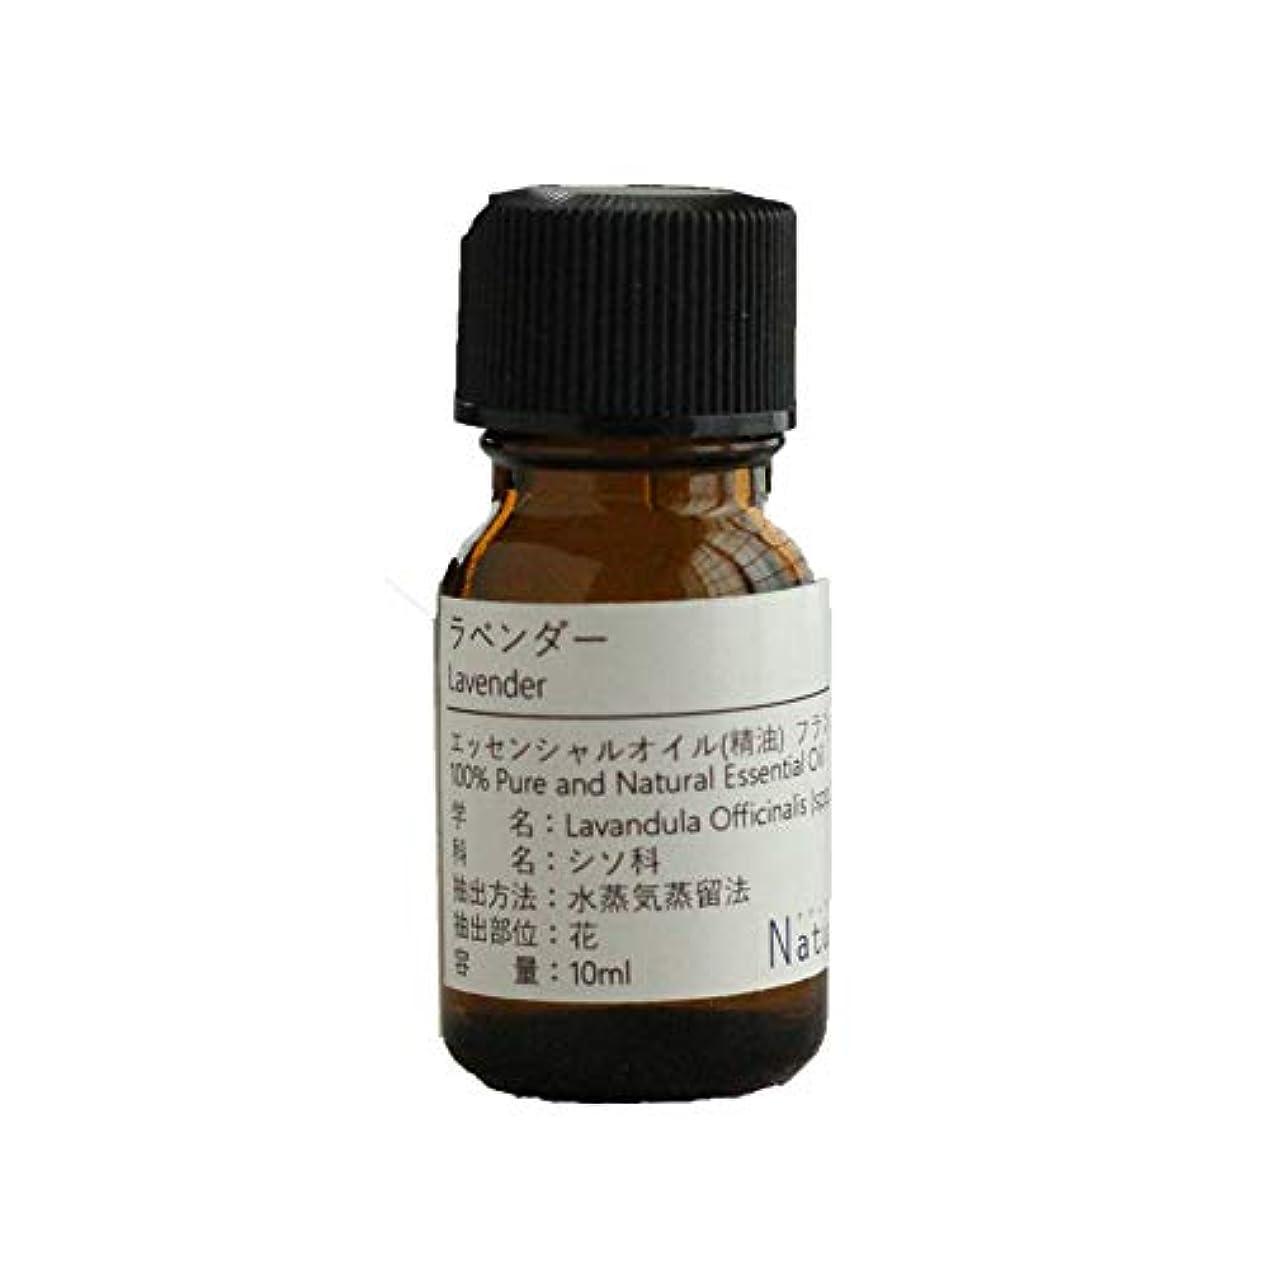 首謀者組み合わせる放棄するNatural蒼 ラベンダー/エッセンシャルオイル 精油天然100% (10ml)